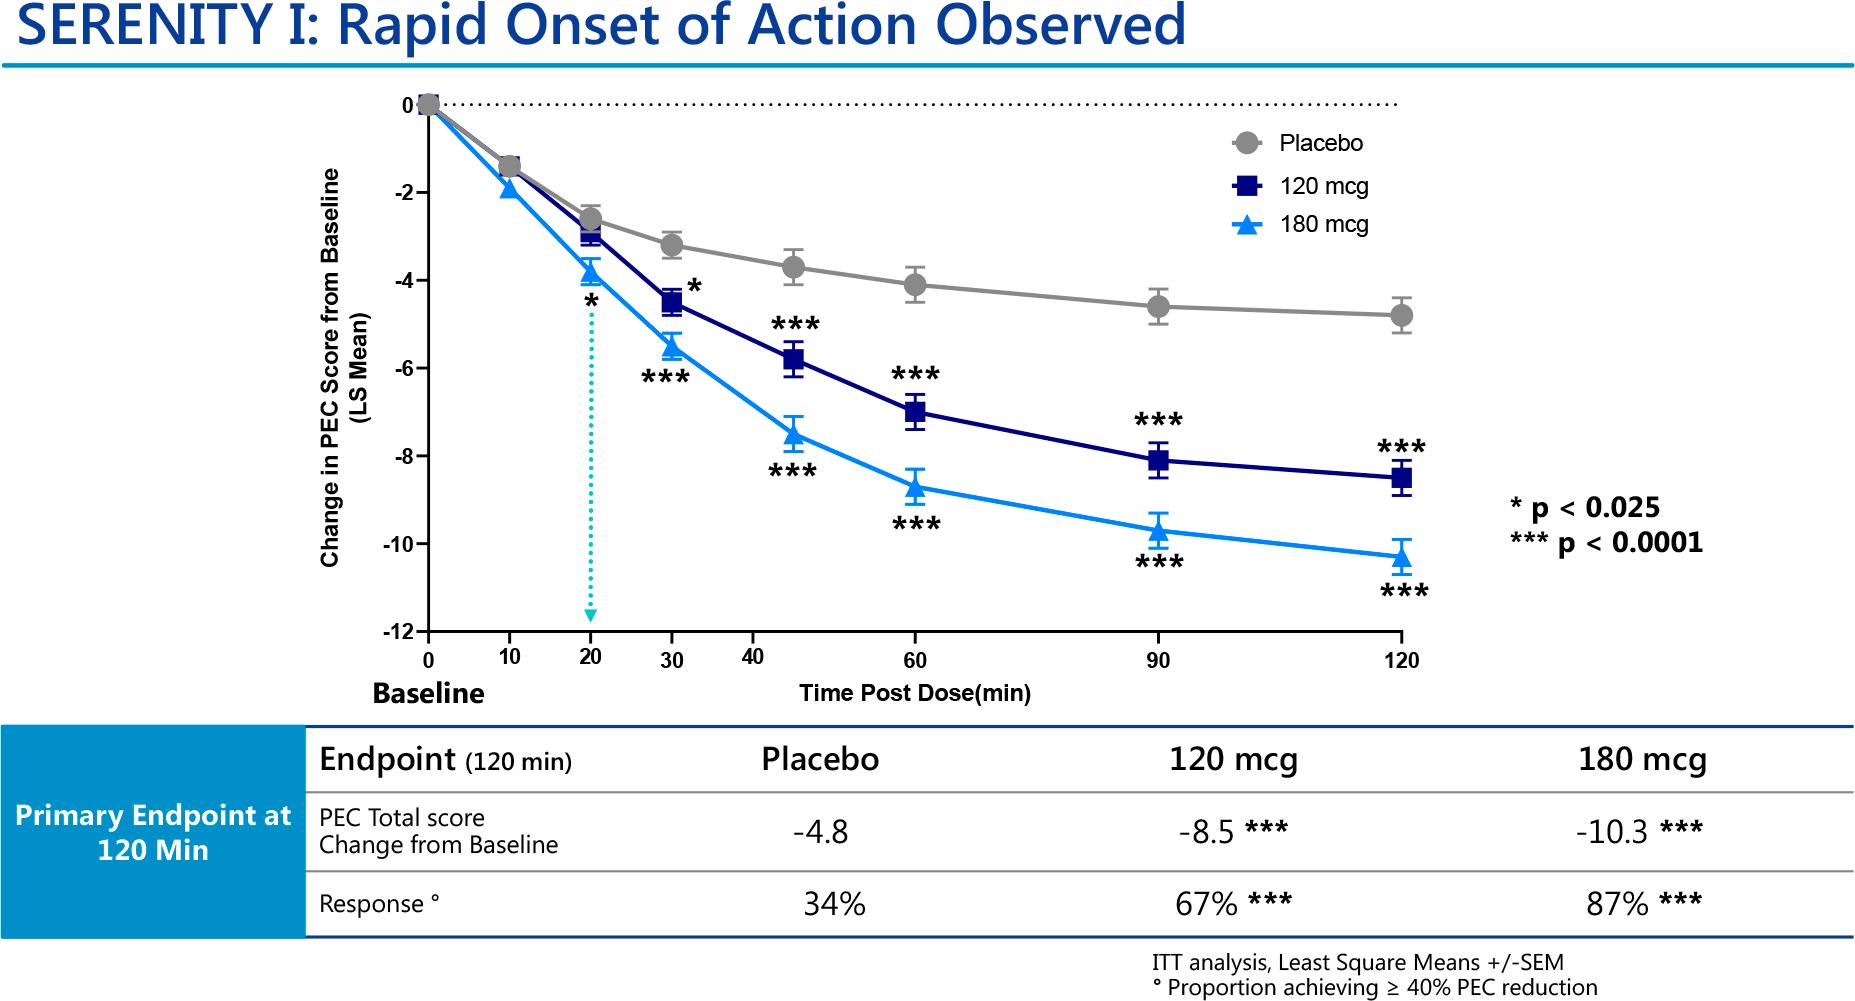 nct04268303 results 01 - Дексмедетомидин: быстрое купирование острой ажитации при шизофрении и биполярном расстройстве